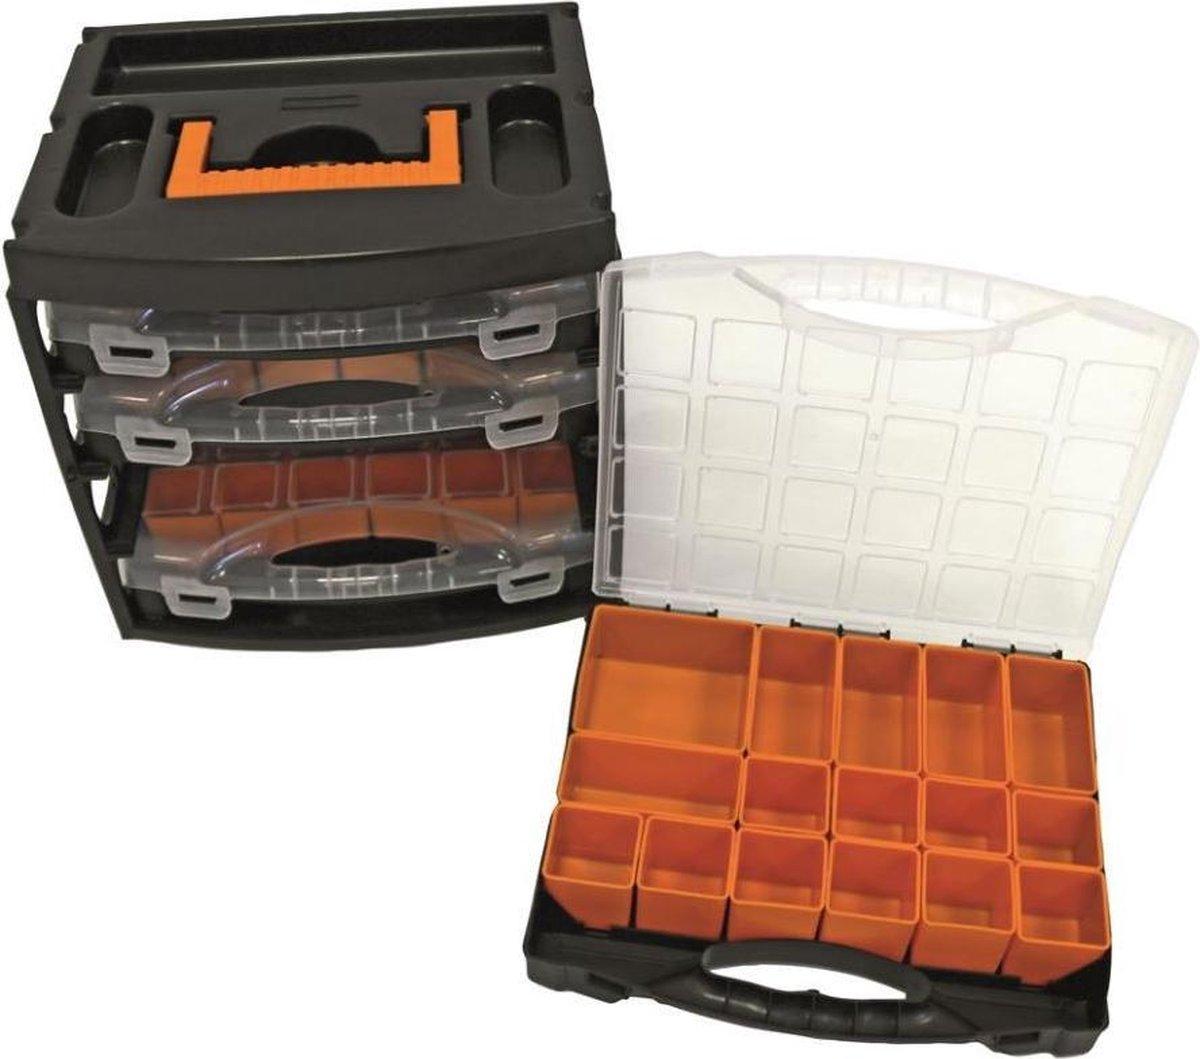 ERRO Handybox - Assortimentsbox met 4 sorteerdozen - Incl. inzetbakjes - ERROPP08